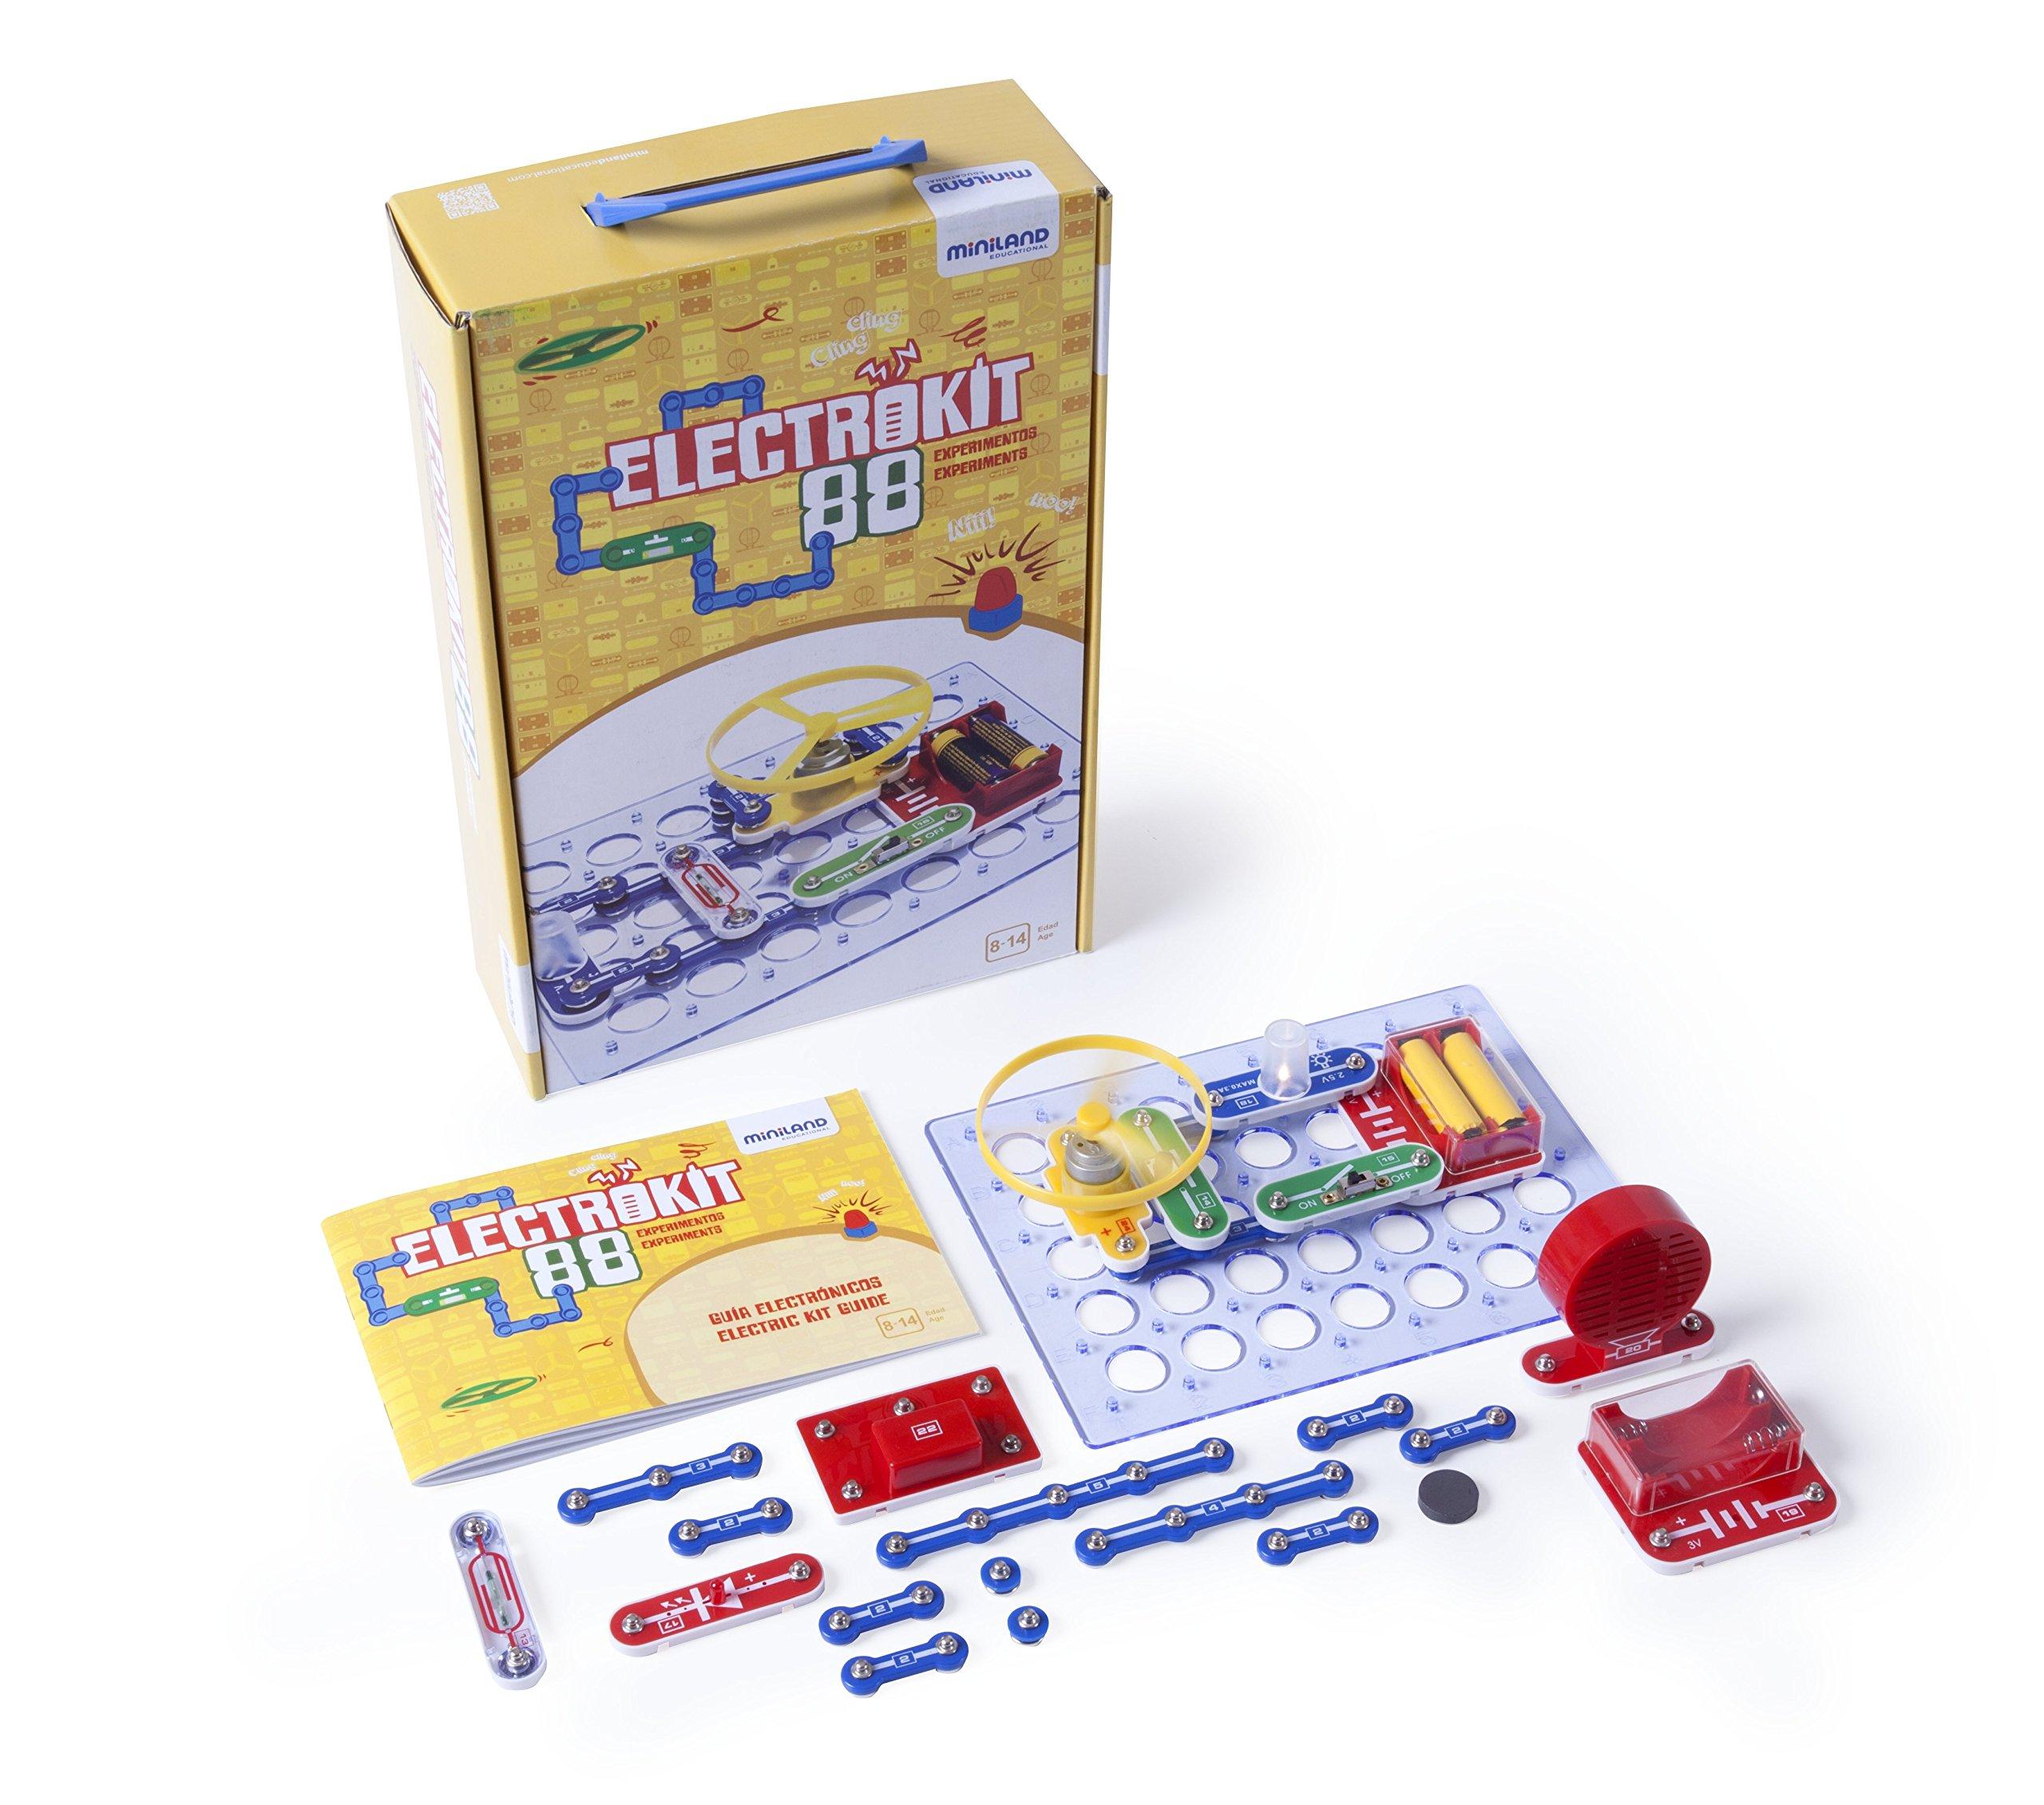 Miniland-Electrokit 88 experimentos Juguete electrónico, Color Variados, (99101): Amazon.es: Juguetes y juegos